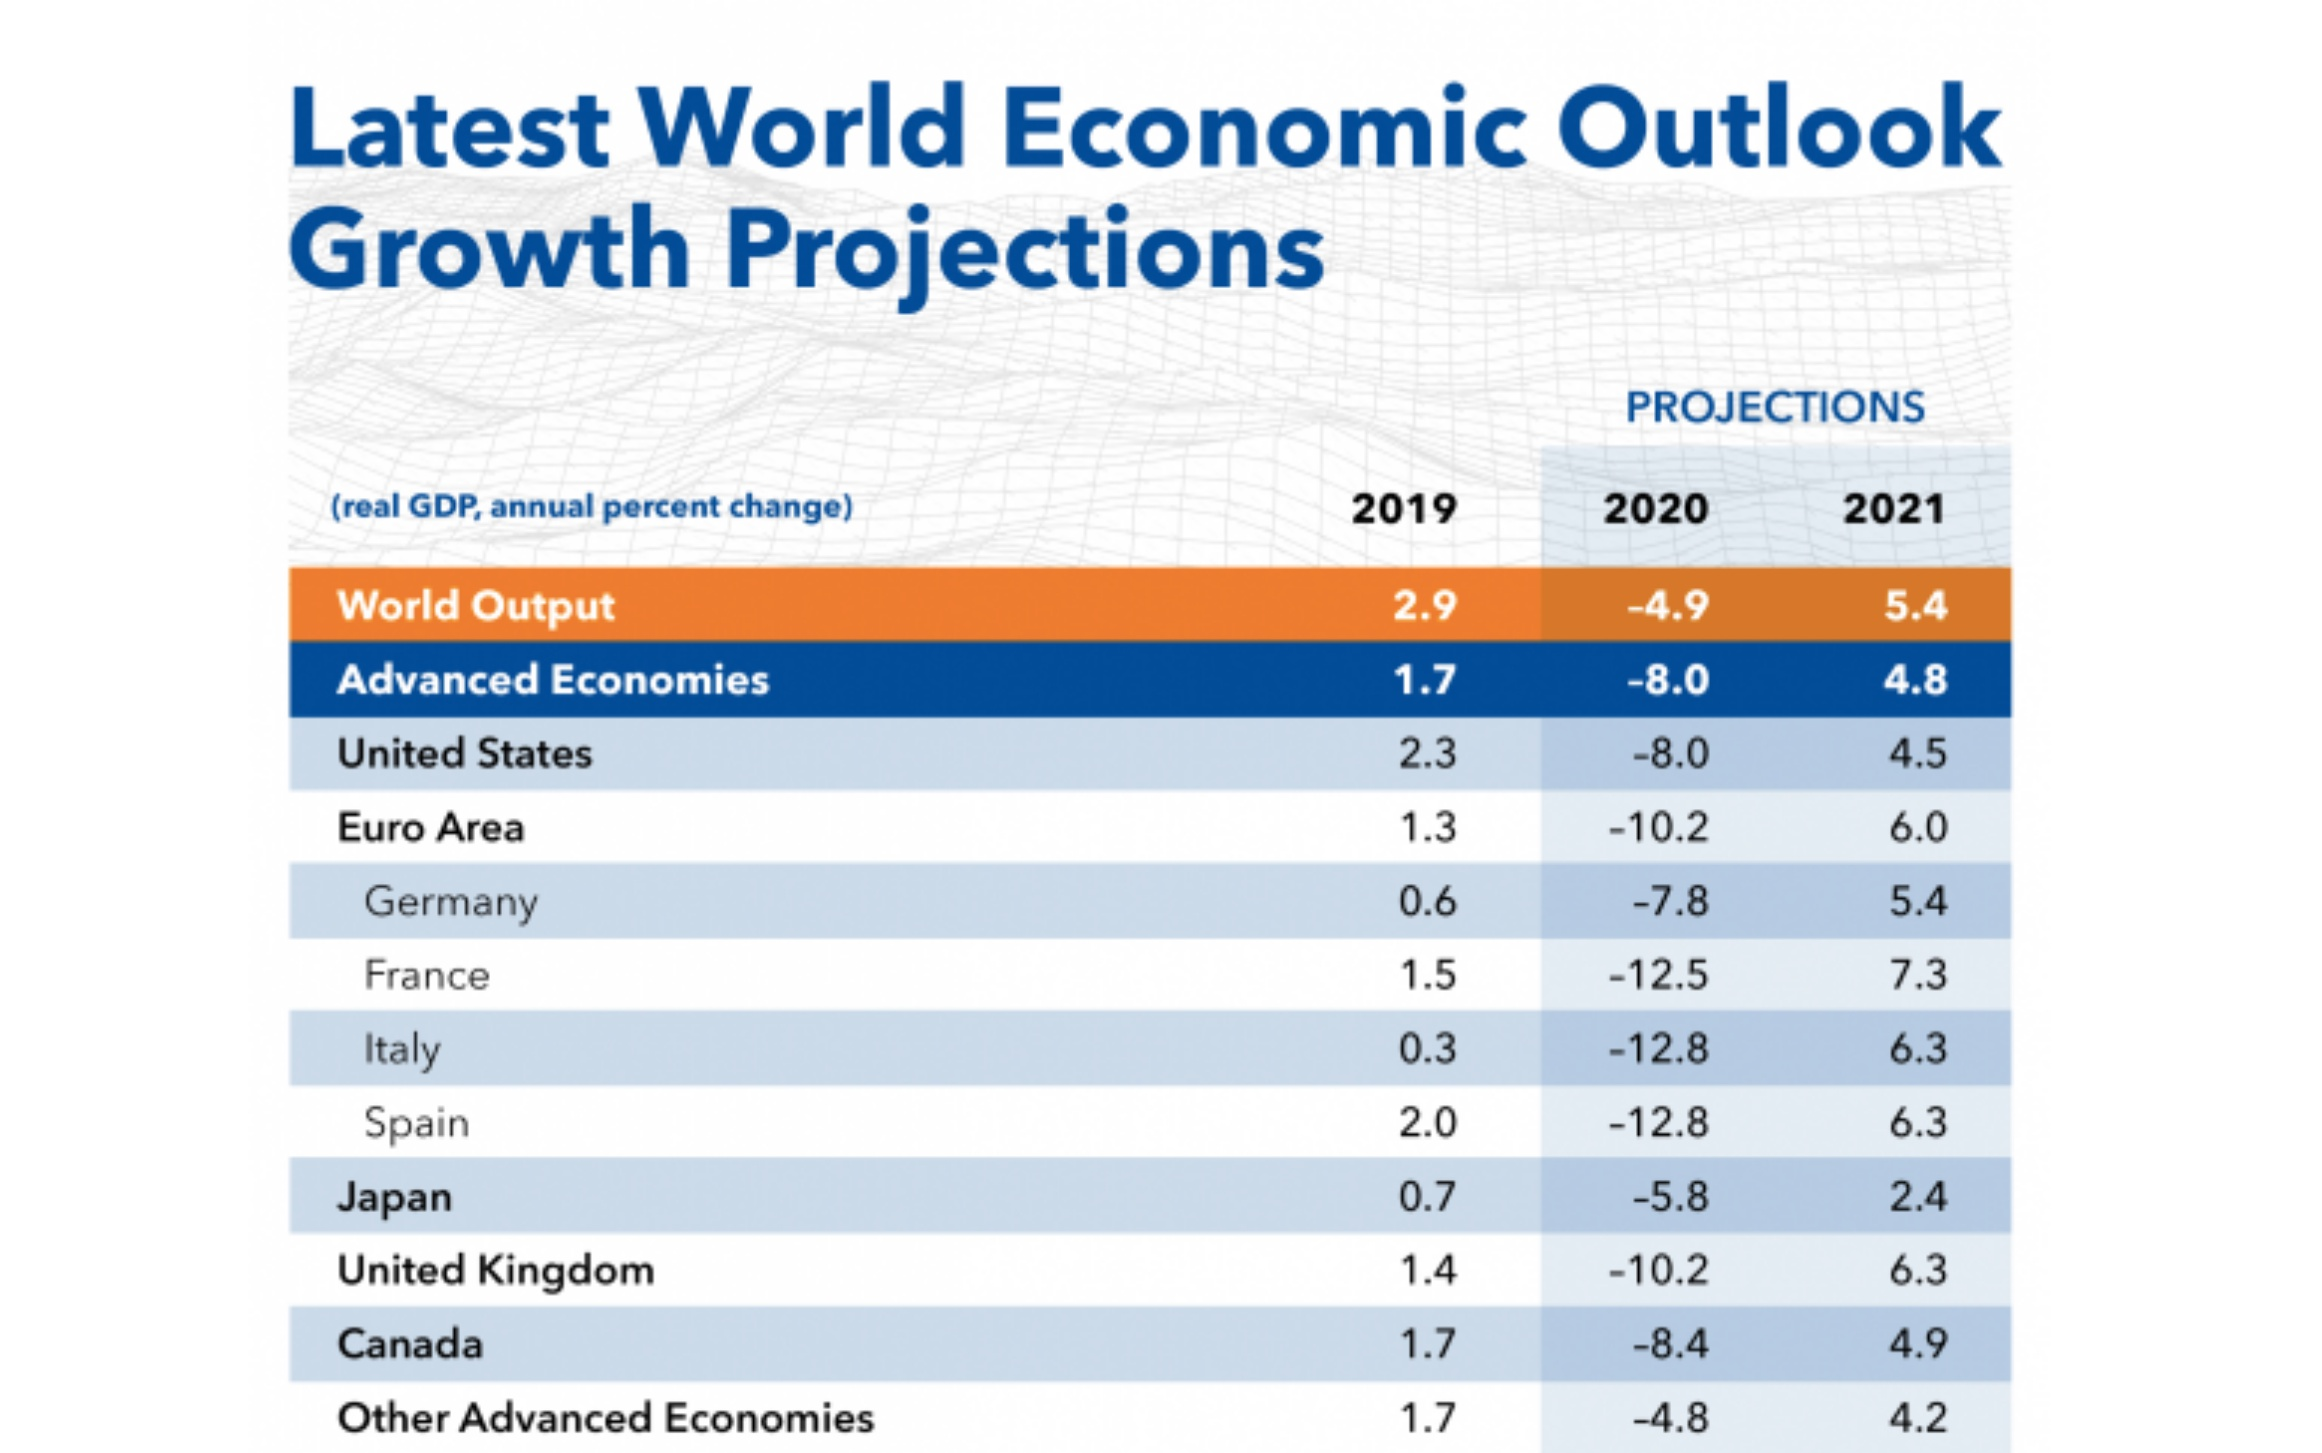 Le stime del Pil riviste al ribasso in tutto il mondo  Fmi